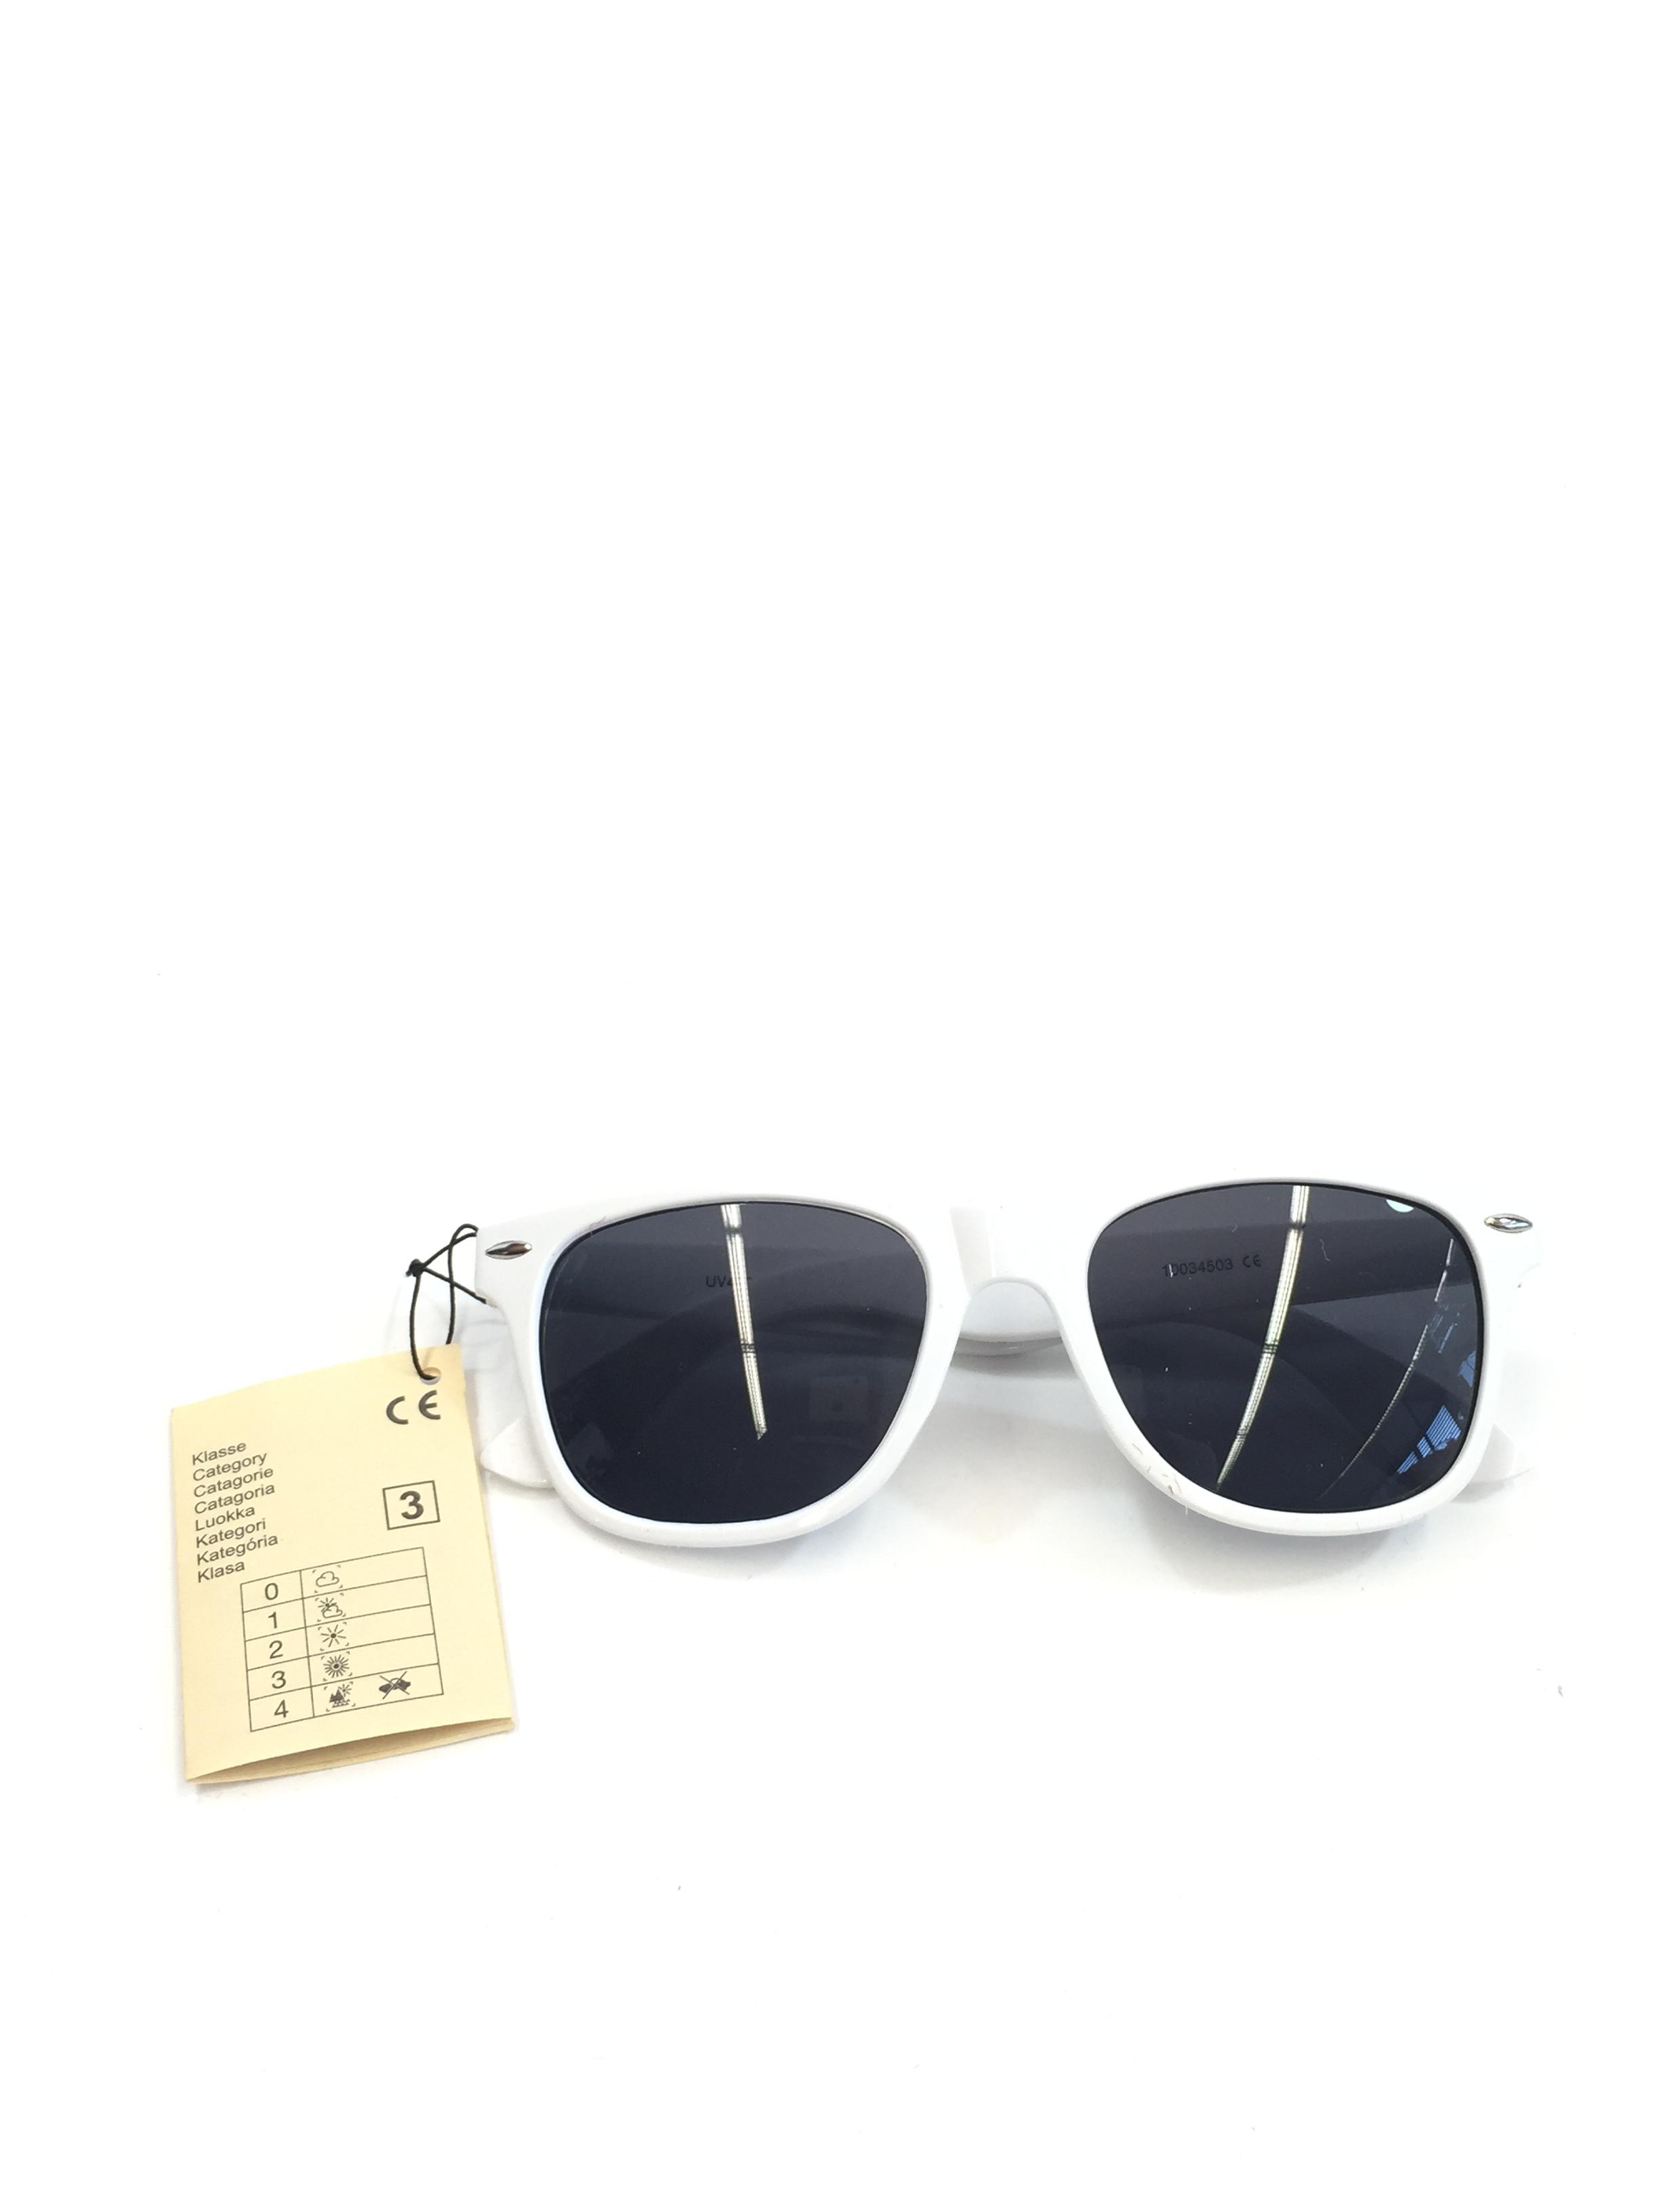 Sion Kölsch Sonnenbrille Nerd style weiß - UV400 Klasse 3